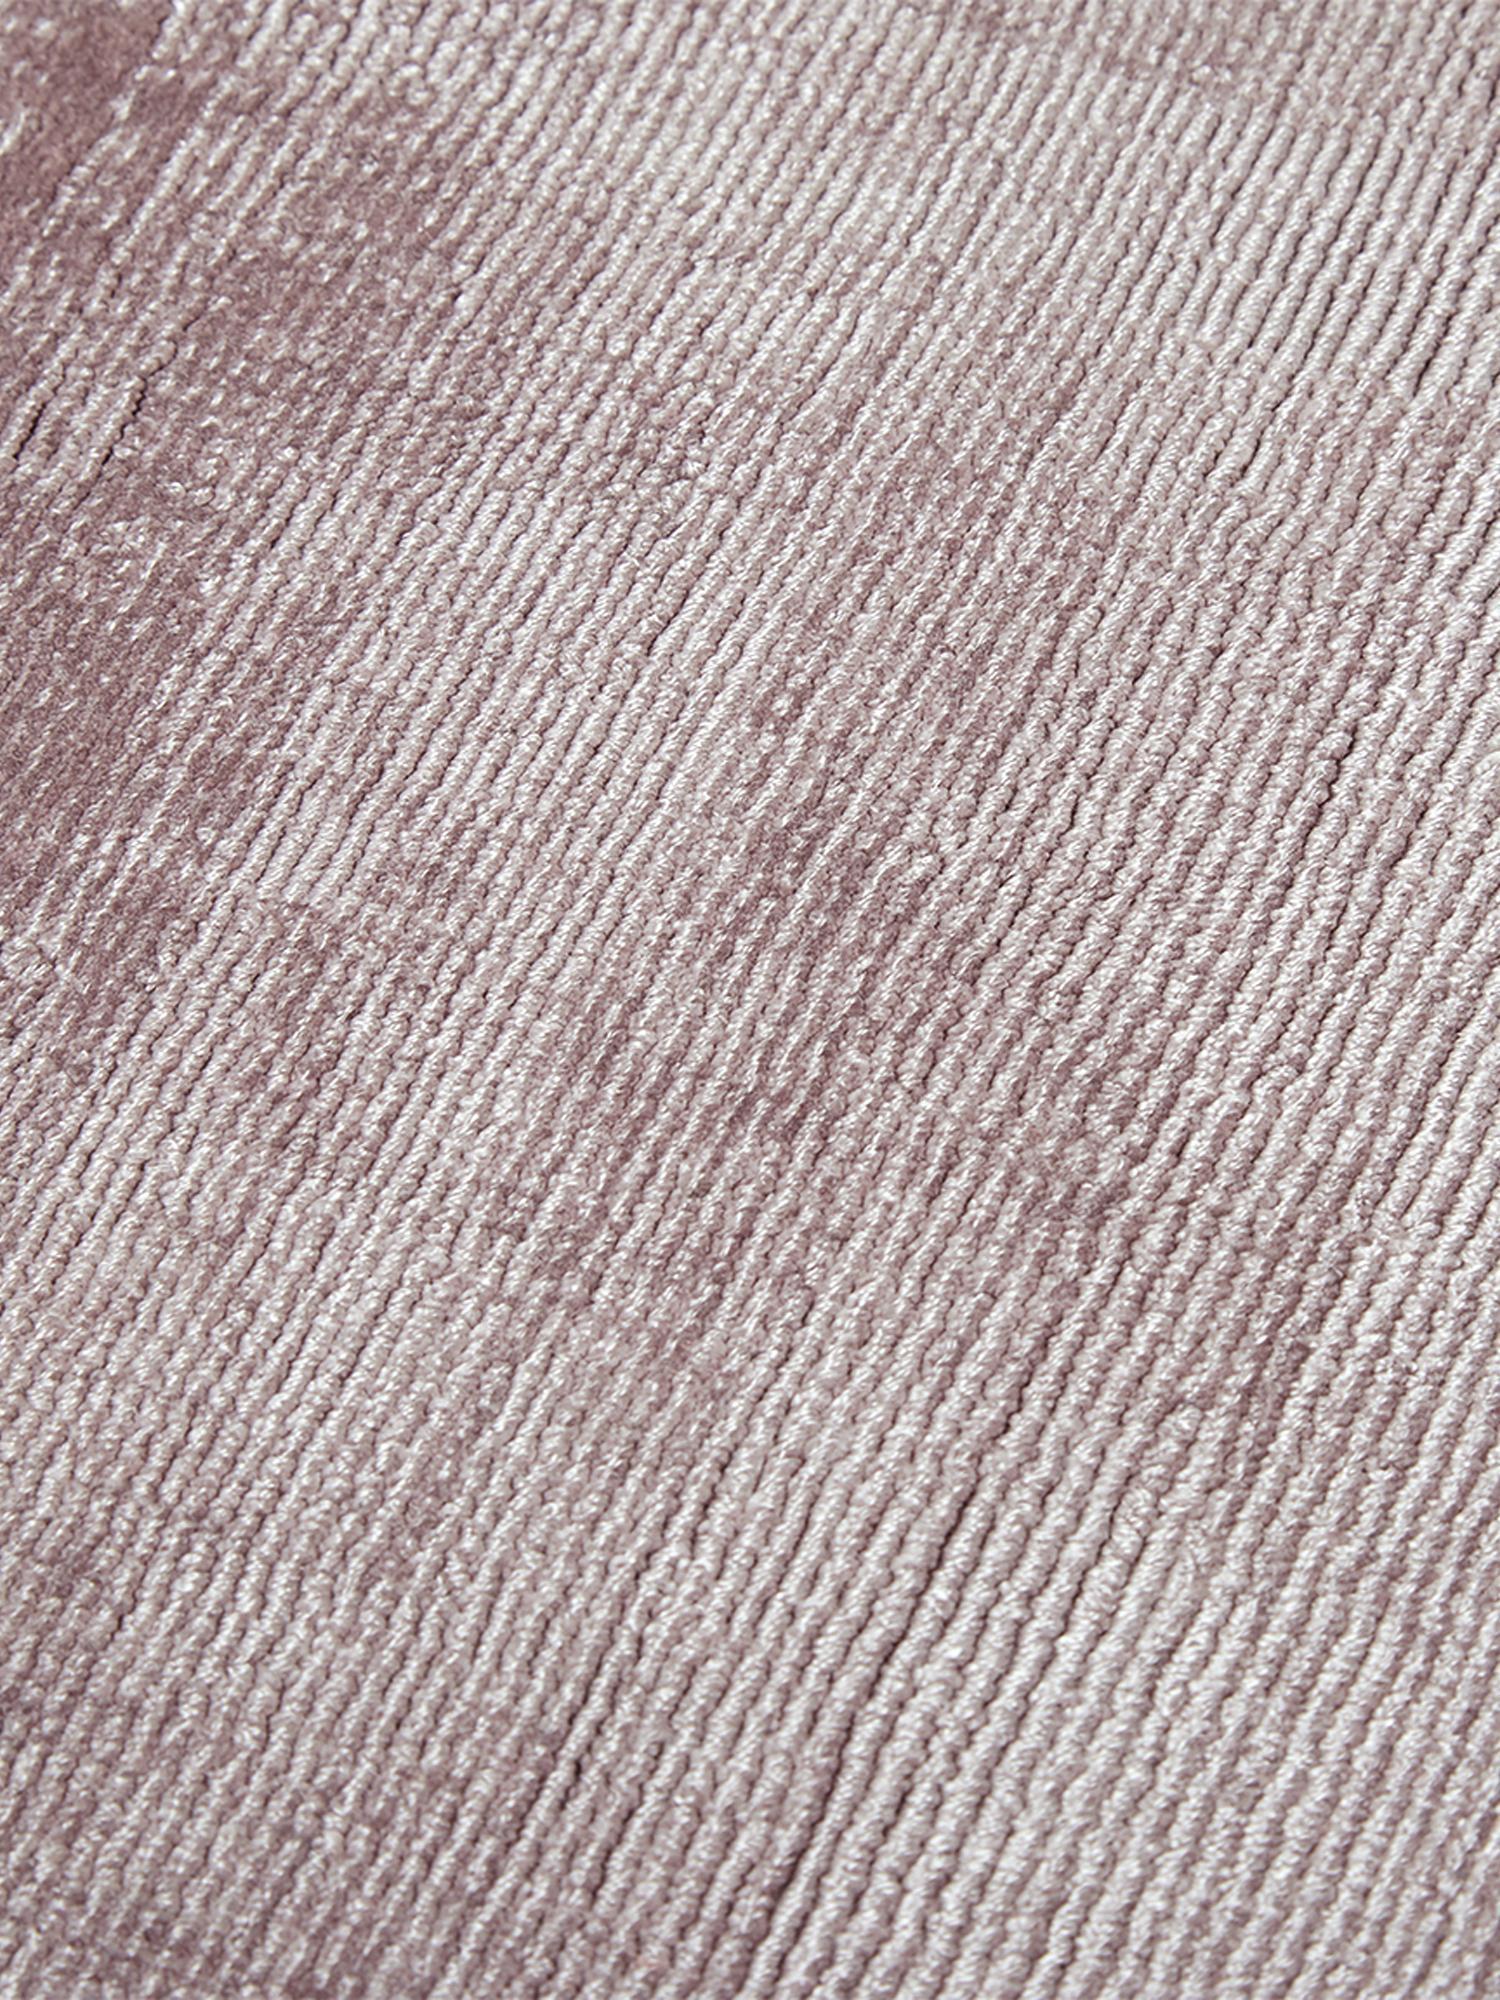 Handgewebter Viskoseteppich Jane in Flieder, Flor: 100% Viskose, Flieder, B 200 x L 300 cm (Grösse L)